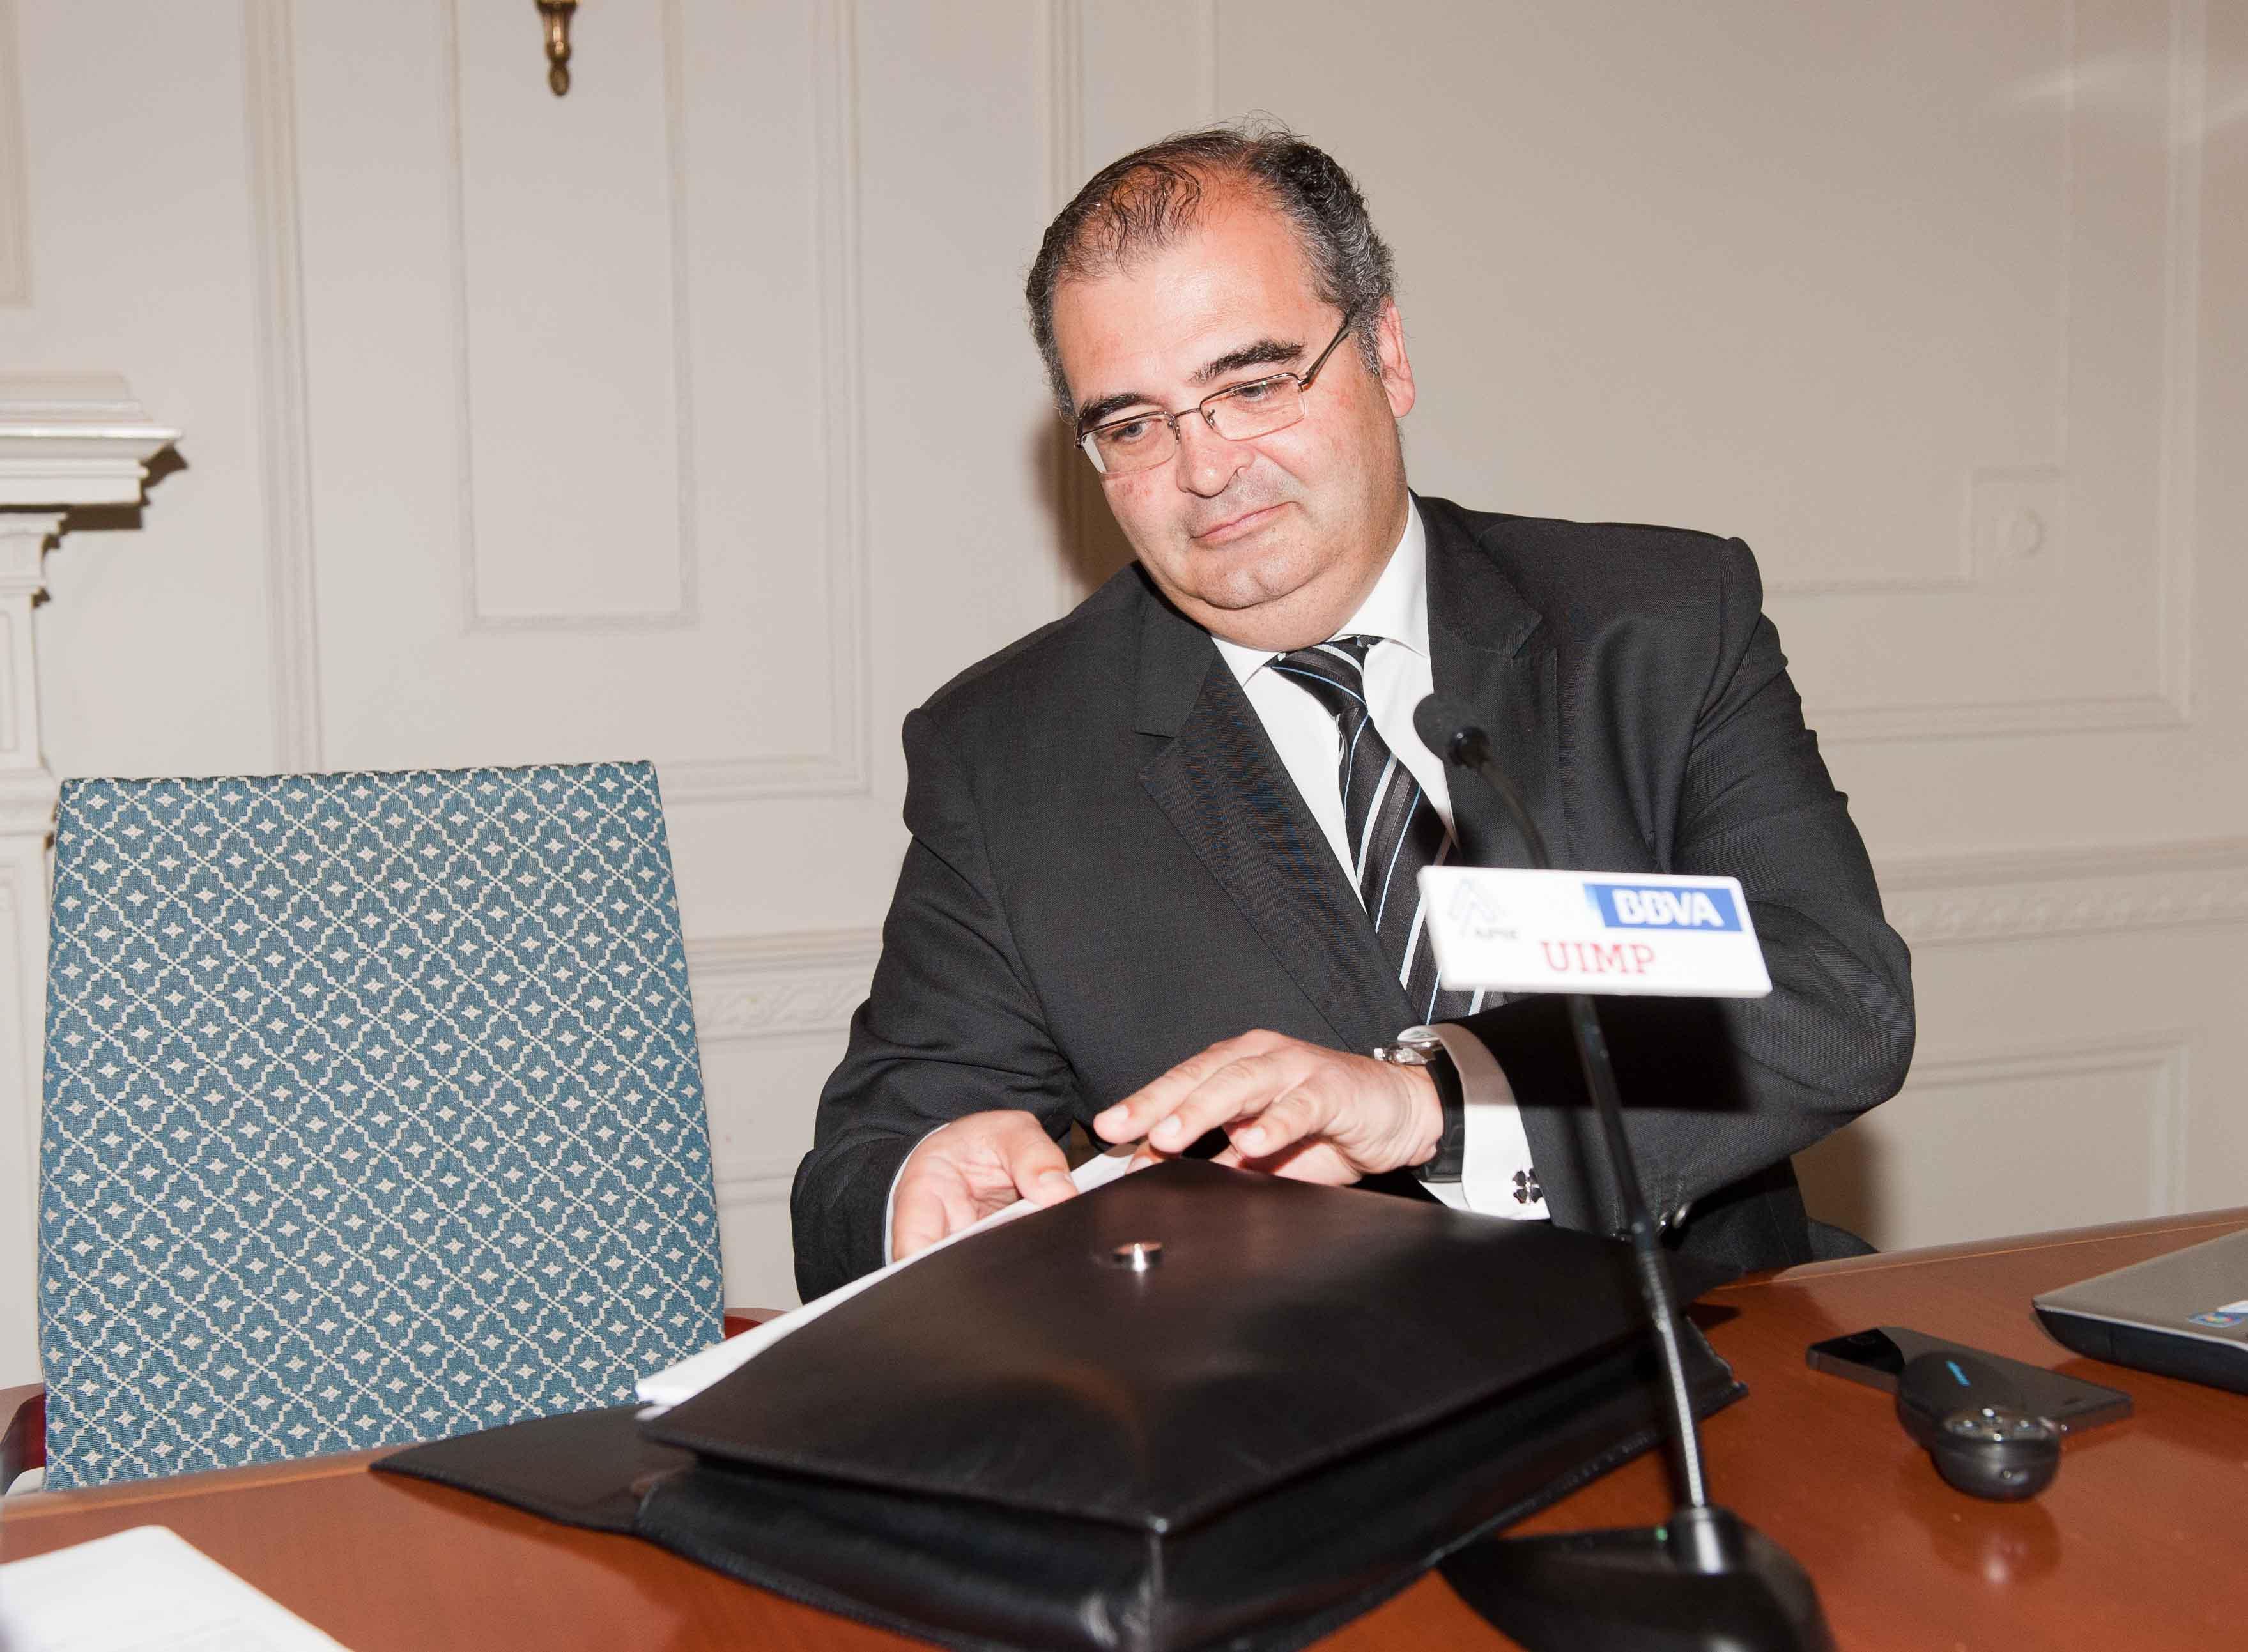 Ángel Ron Güimil, presidente del Banco Popular, durante su intervención en el Curso de Verano 2014 de la APIE.